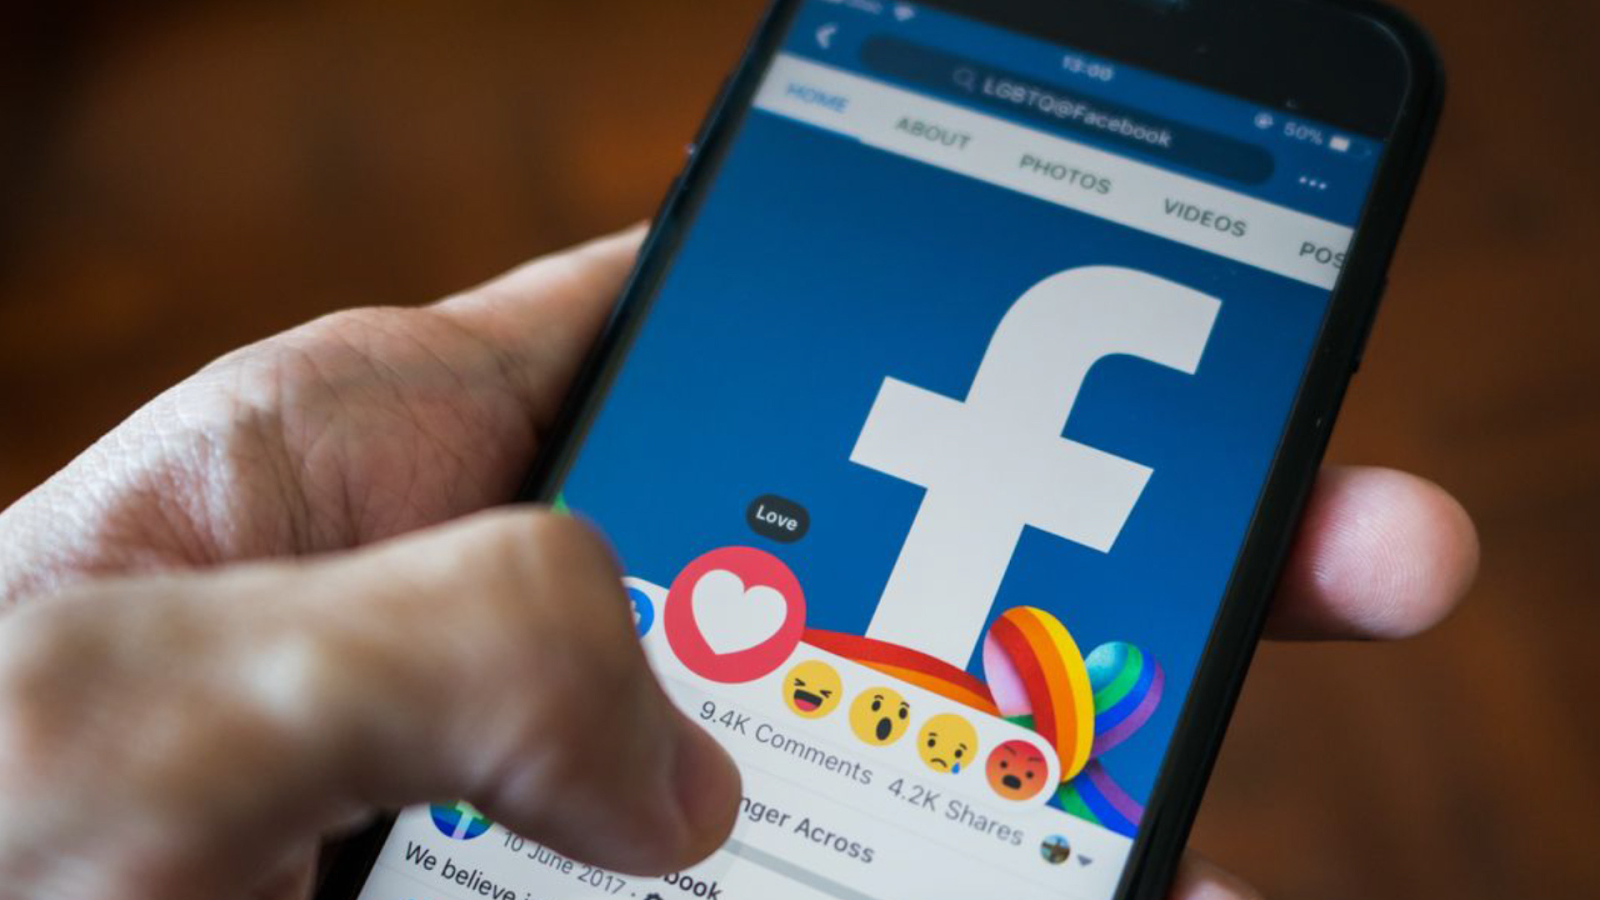 Nếu bạn hỏi đâu làmạng xã hội nhiều người sử dụng nhấtthì lời giải thích là kênh Facebook, đây là một trang web truy xuất miễn phí được thành lập bởi Mark Zuckerberg và những người bạn của mình vào tháng 2 năm 2004.